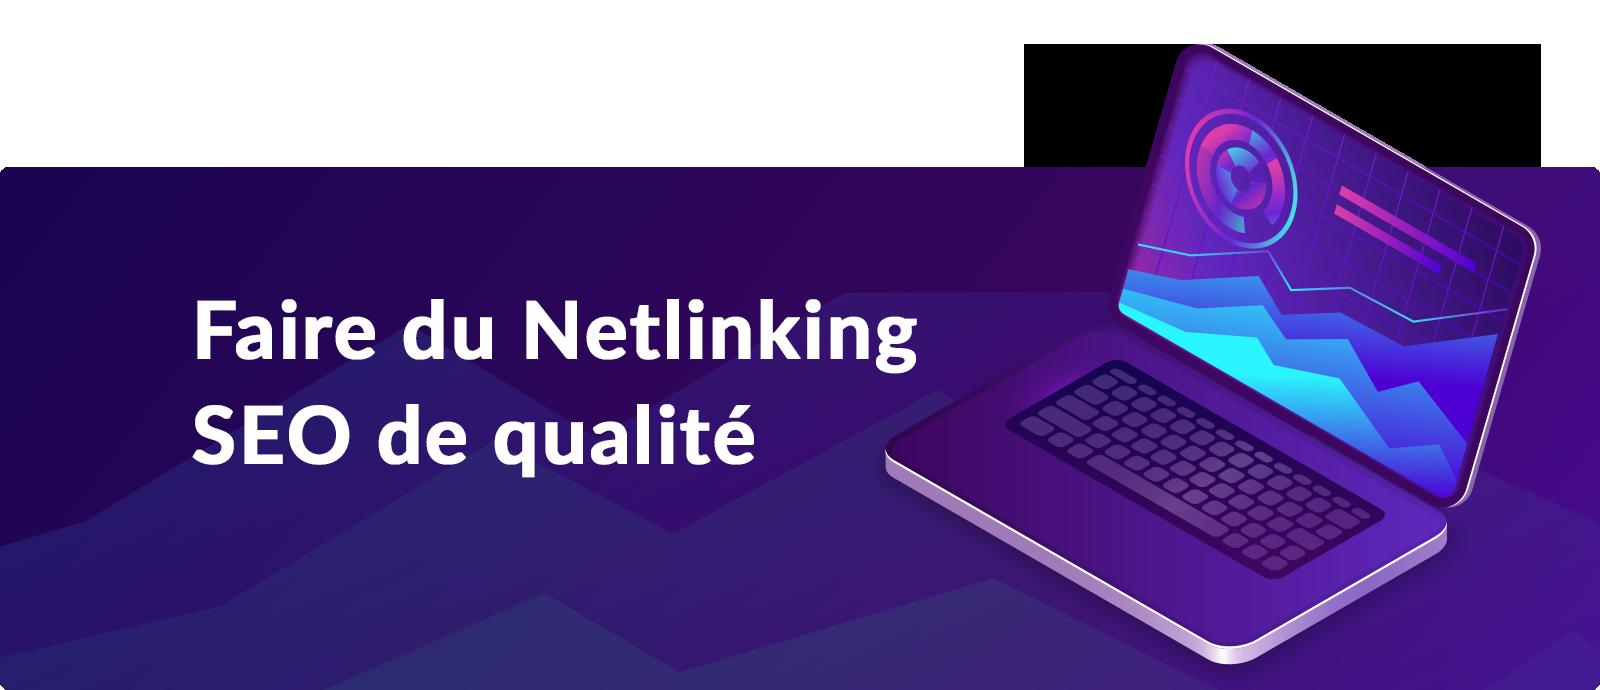 Netlinking SEO de qualité